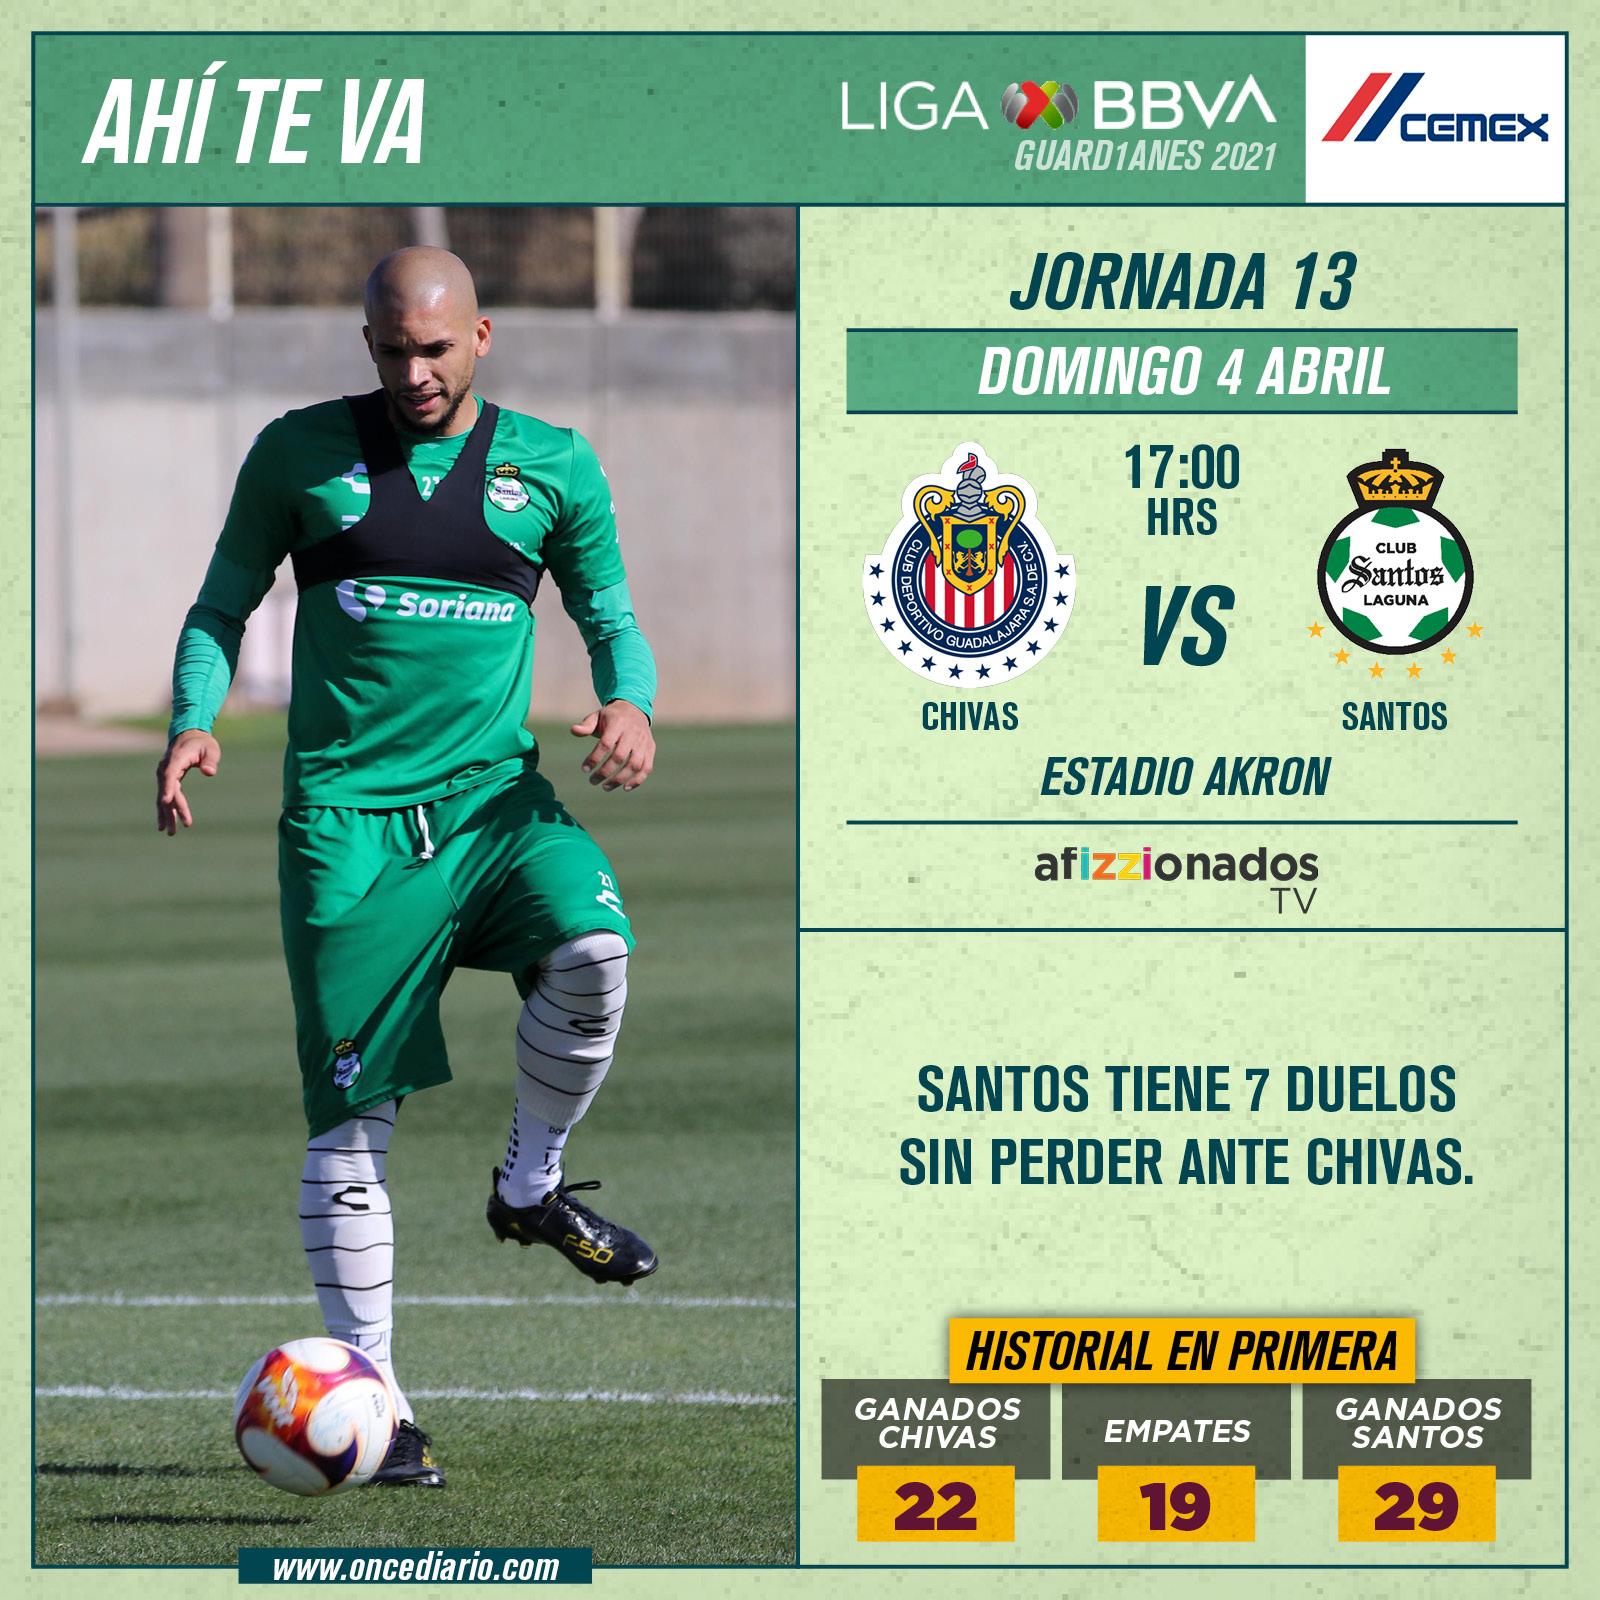 Chivas vs Santos preview for Guardianes 2021